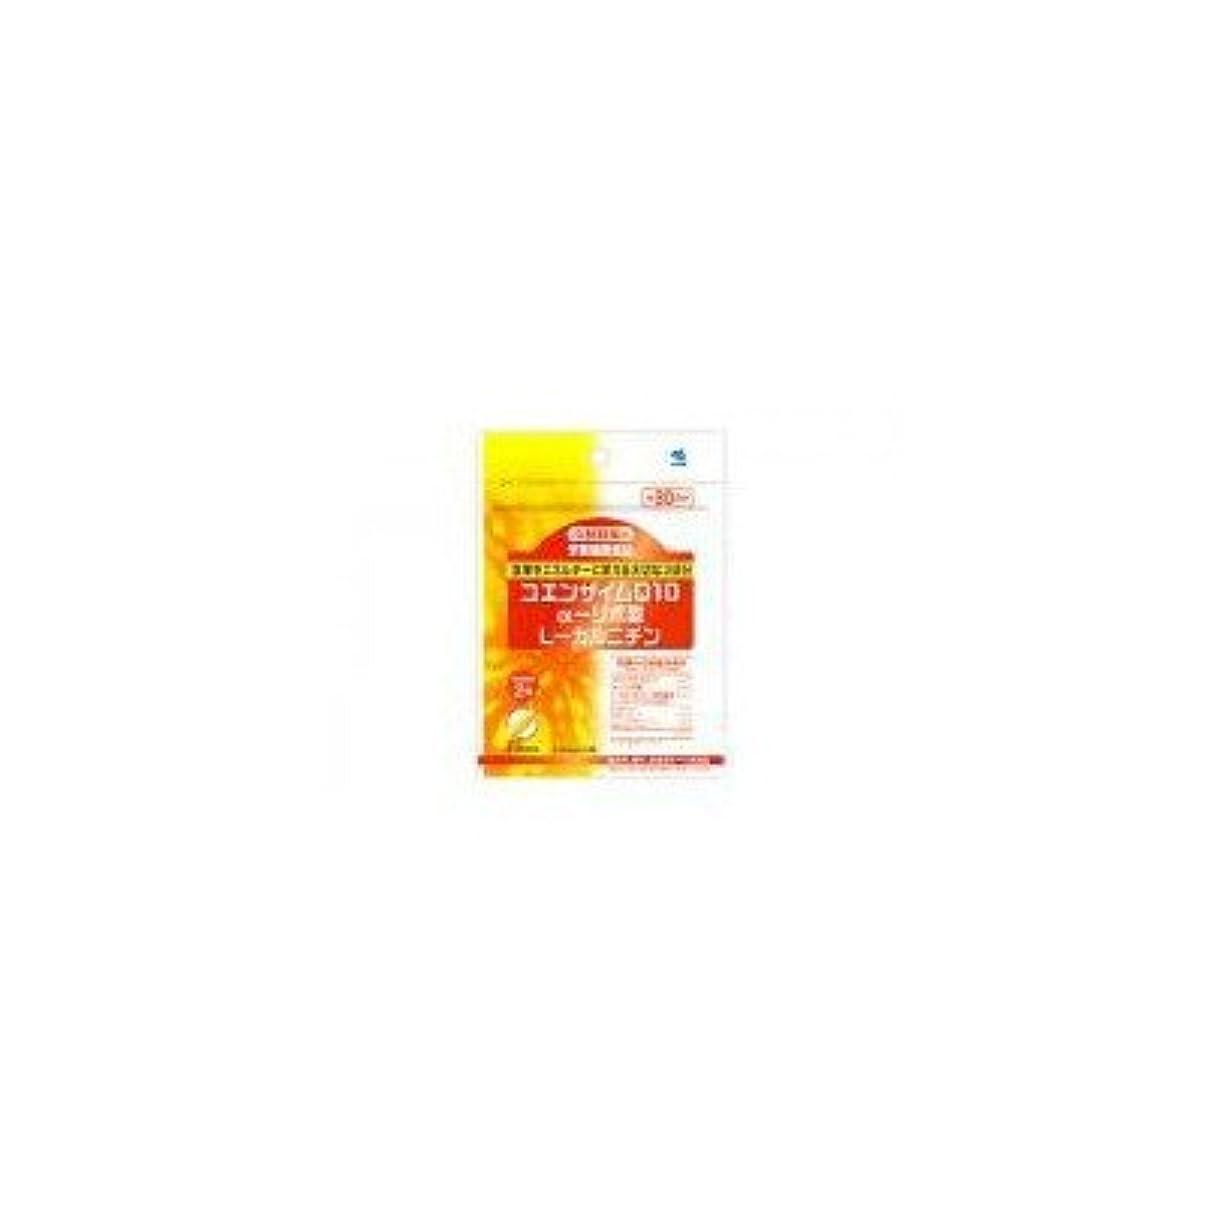 石鹸音繰り返す小林製薬の栄養補助食品 コエンザイムQ10+αリポ酸+Lカルニチン(60粒 約30日分) 4セット